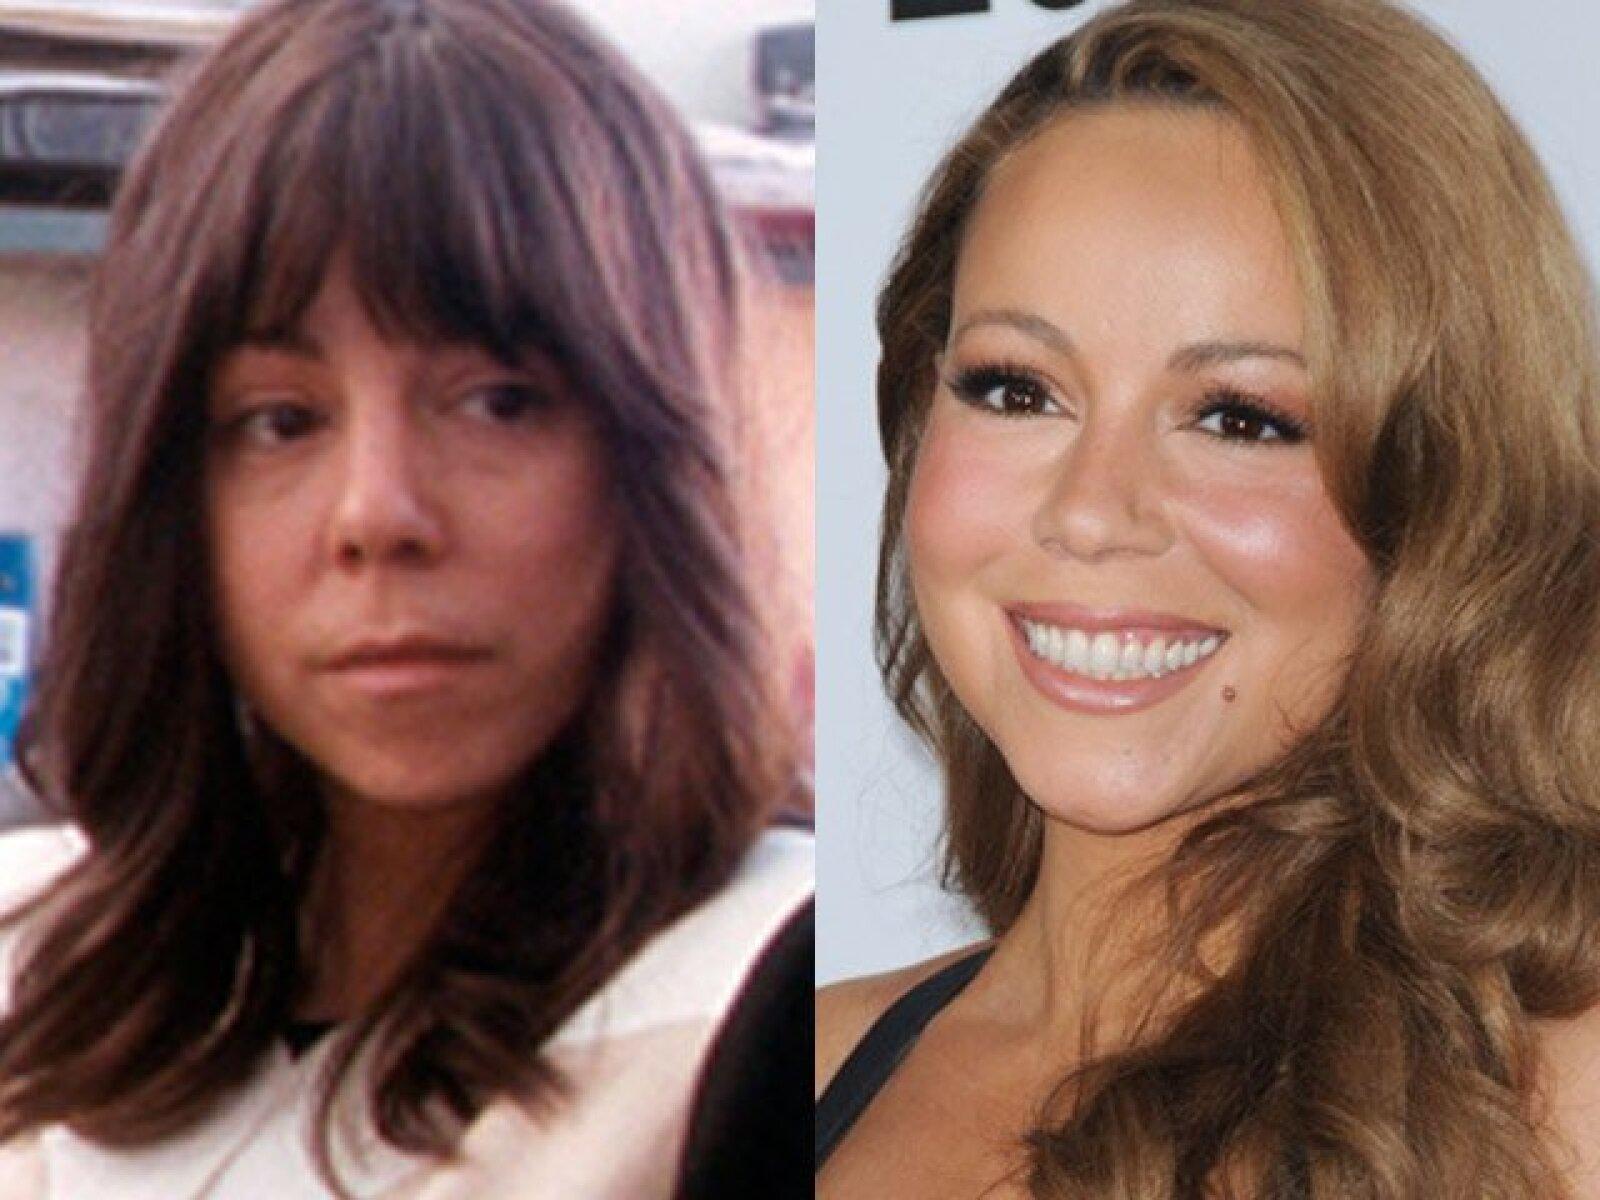 Aunque Mariah Carey optó por quitarse la pintura de la cara para la película Precious la realidad es que se ve mucho mejor maquillada.